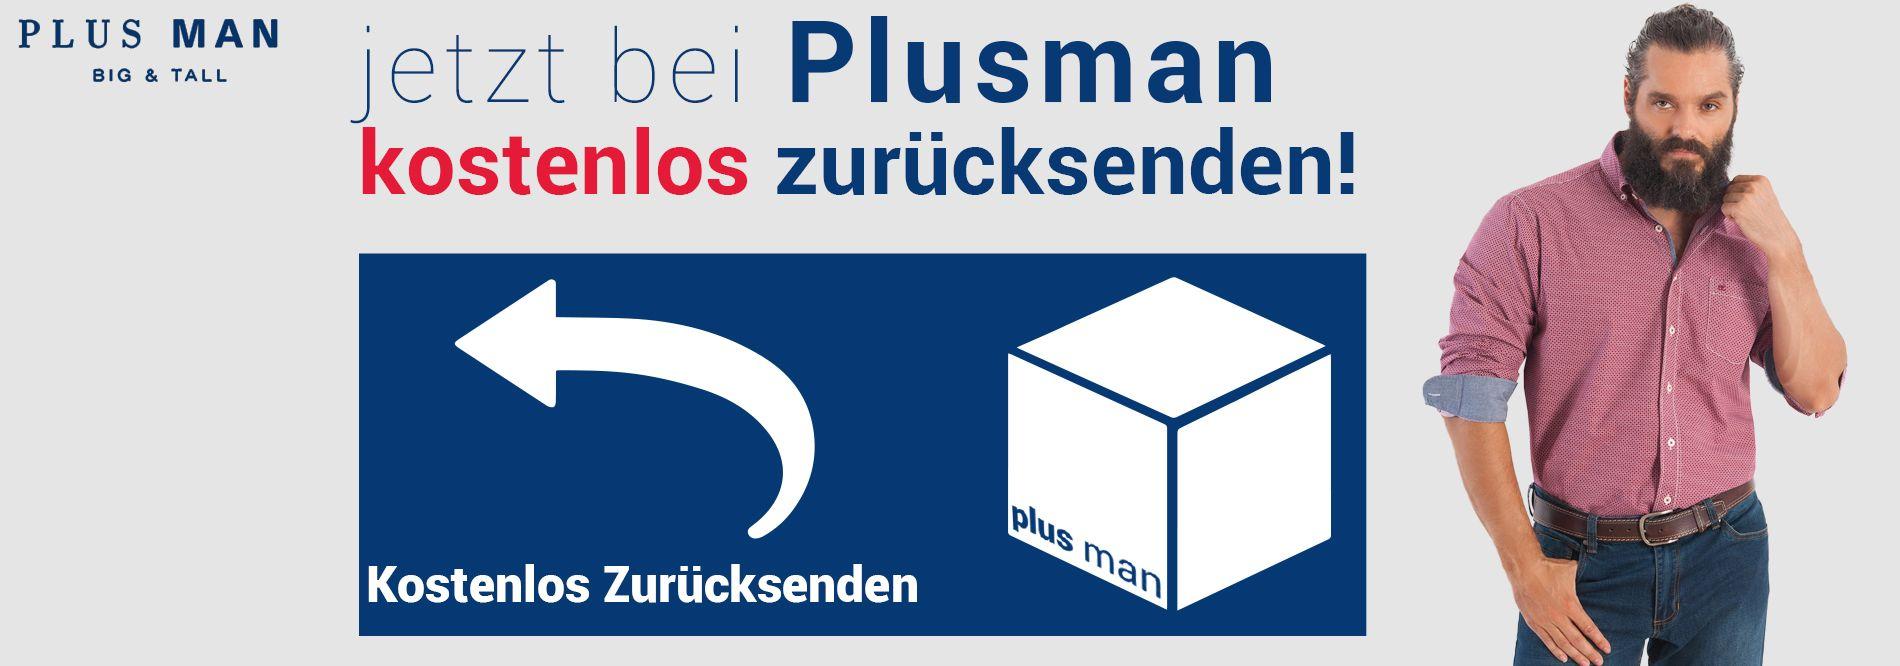 Jetzt kostenlos zurücksenden bei Plusman.de